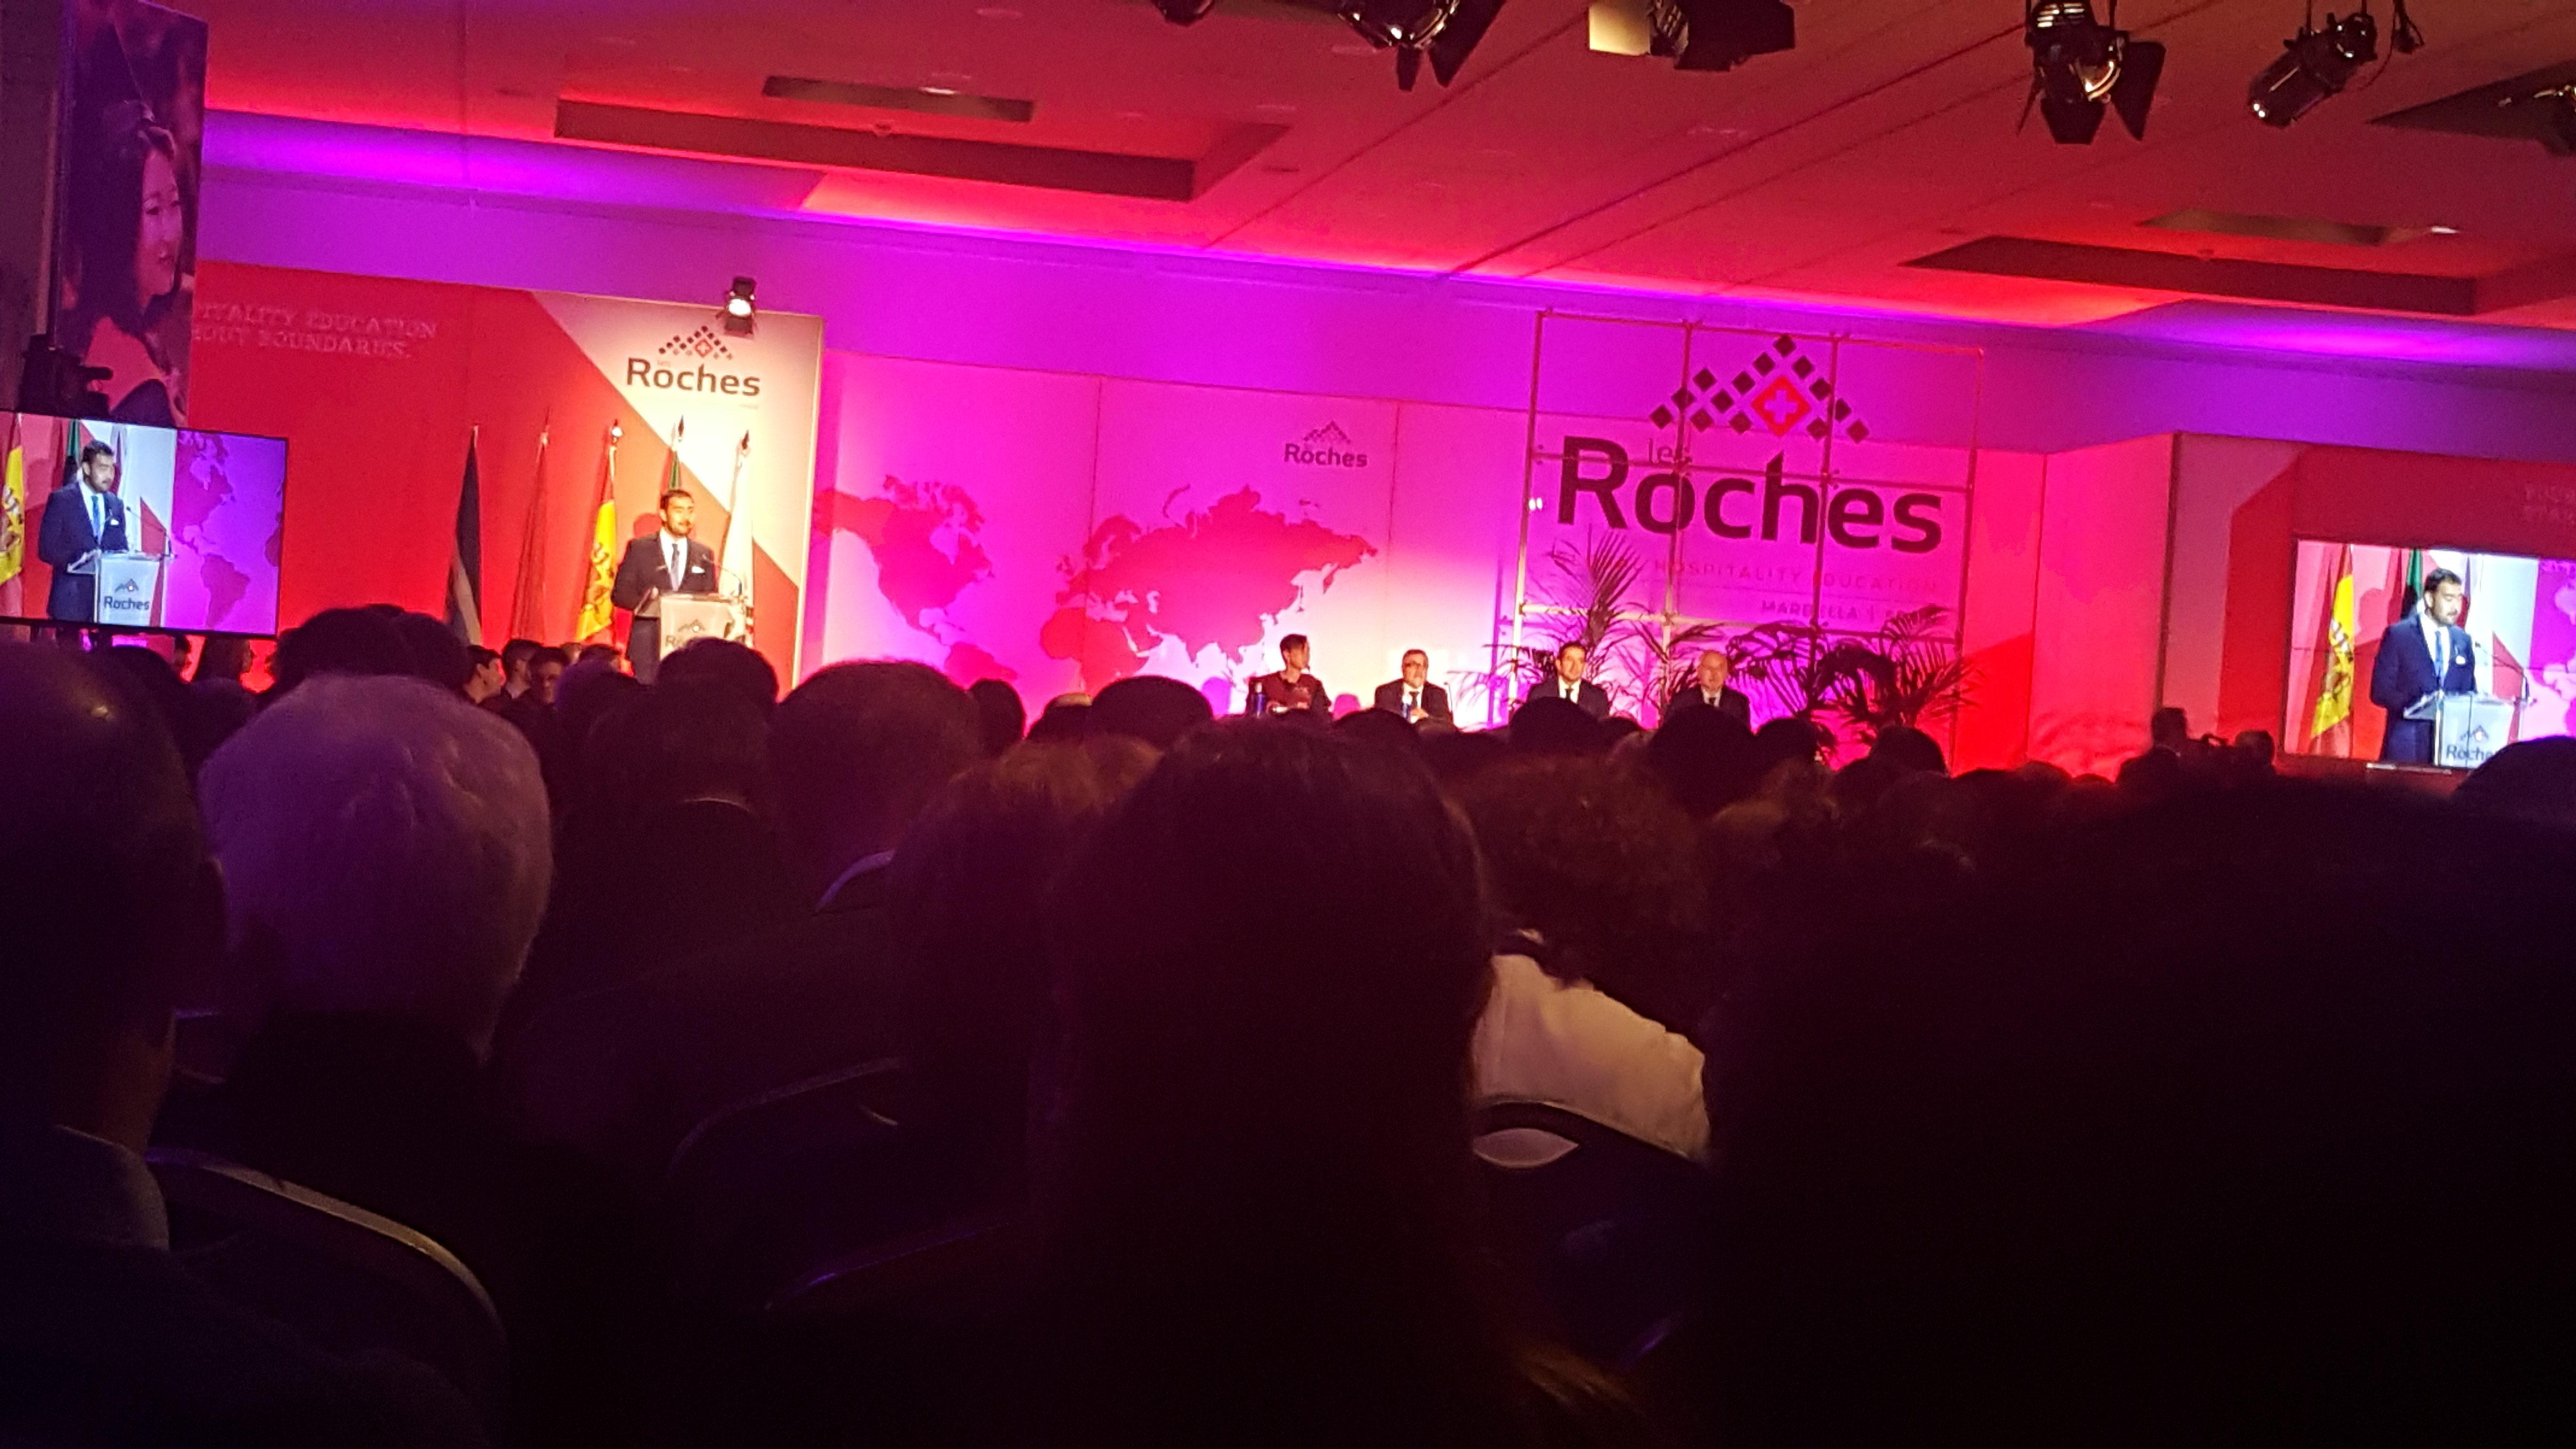 Les Roches Marbella entrega sus diplomas a dos promociones